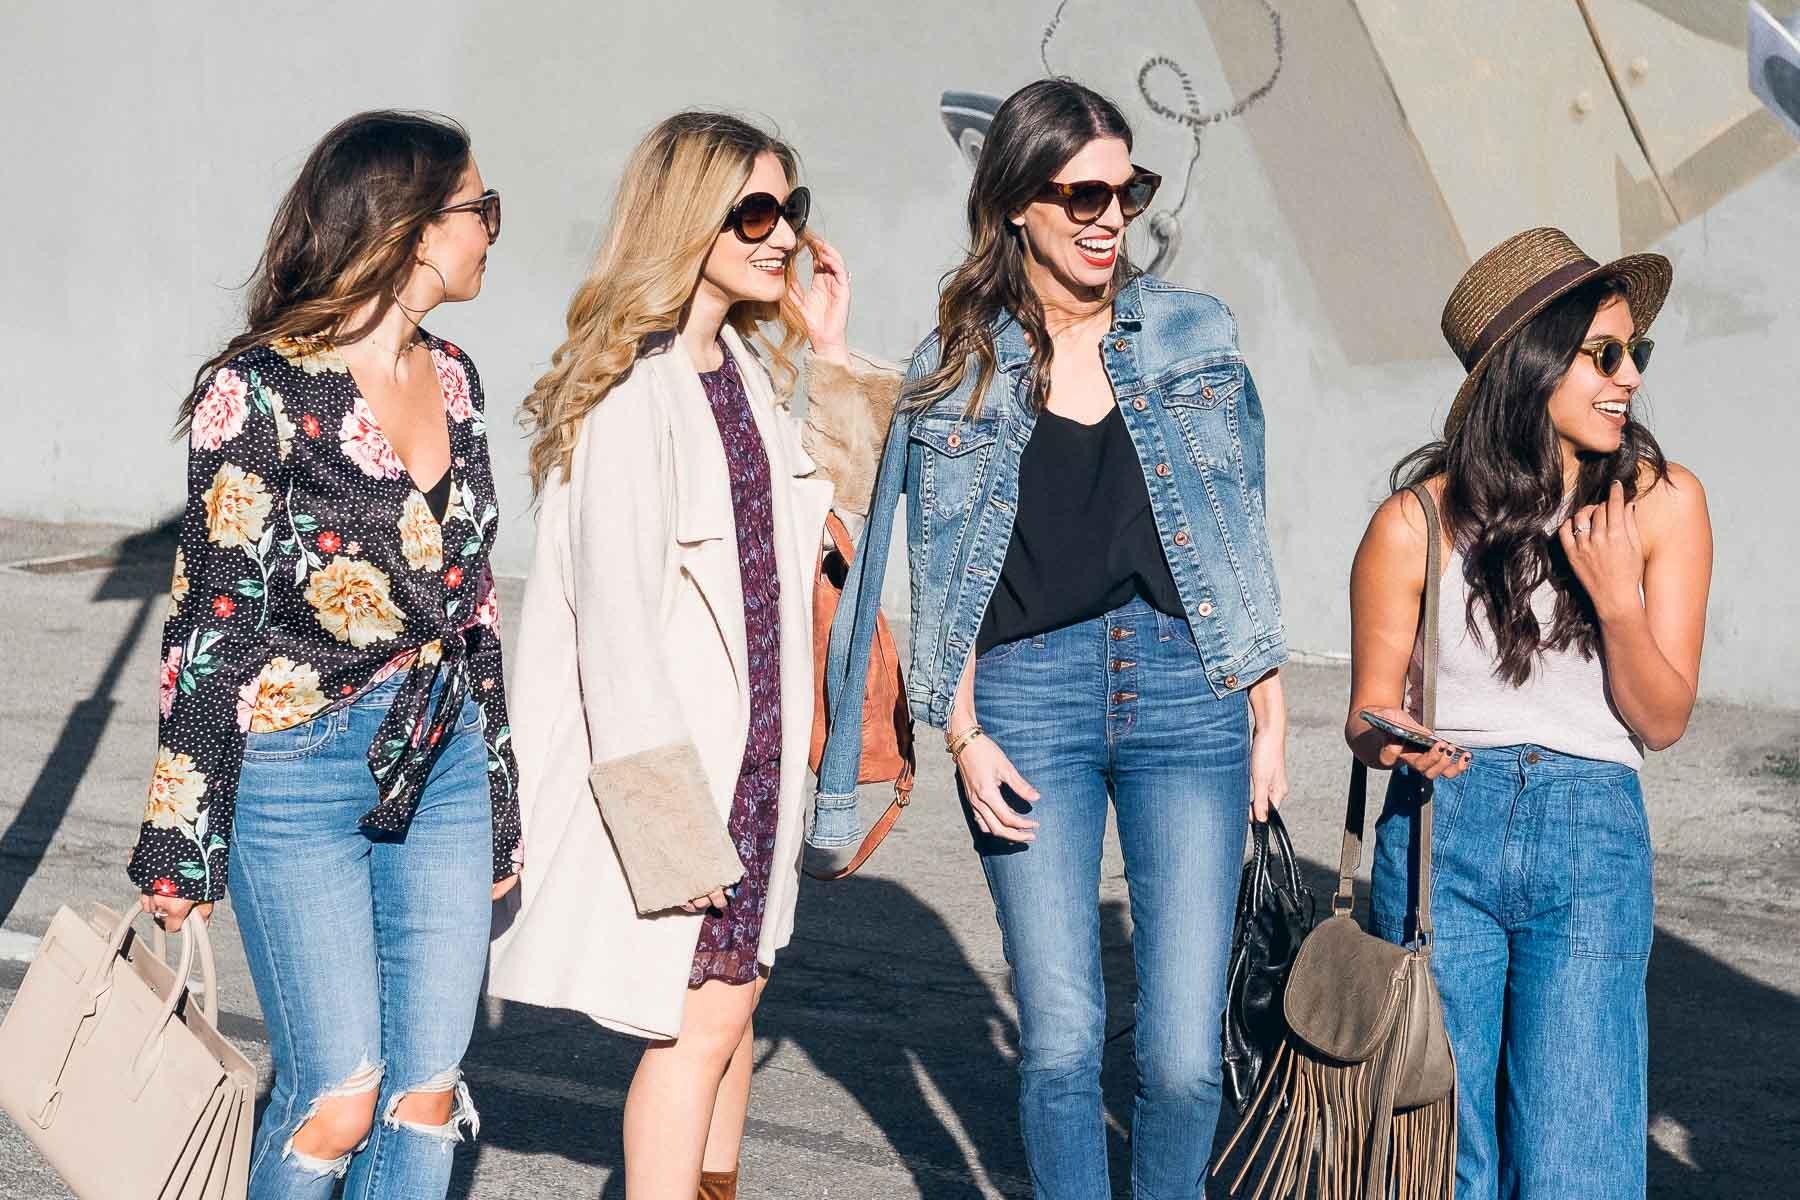 Rachel Off Duty: Rachel Off Duty: Women Bloggers